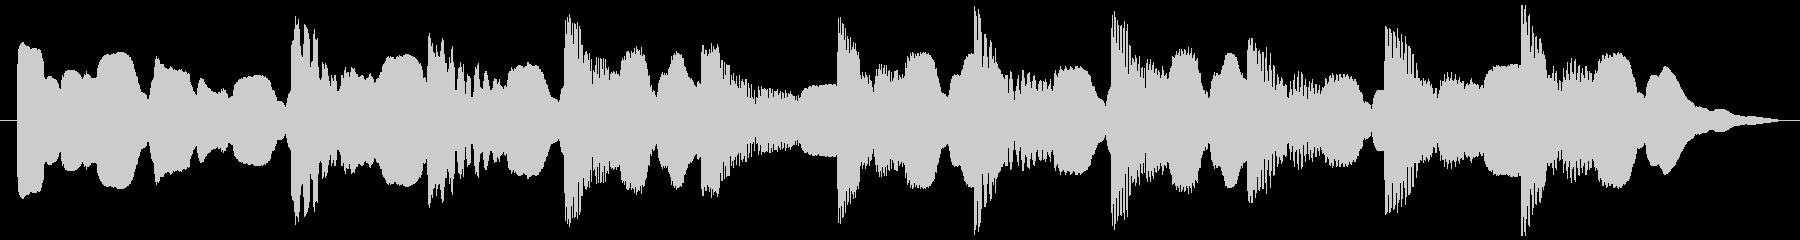 サウンドロゴ (レトロゲームチック)の未再生の波形